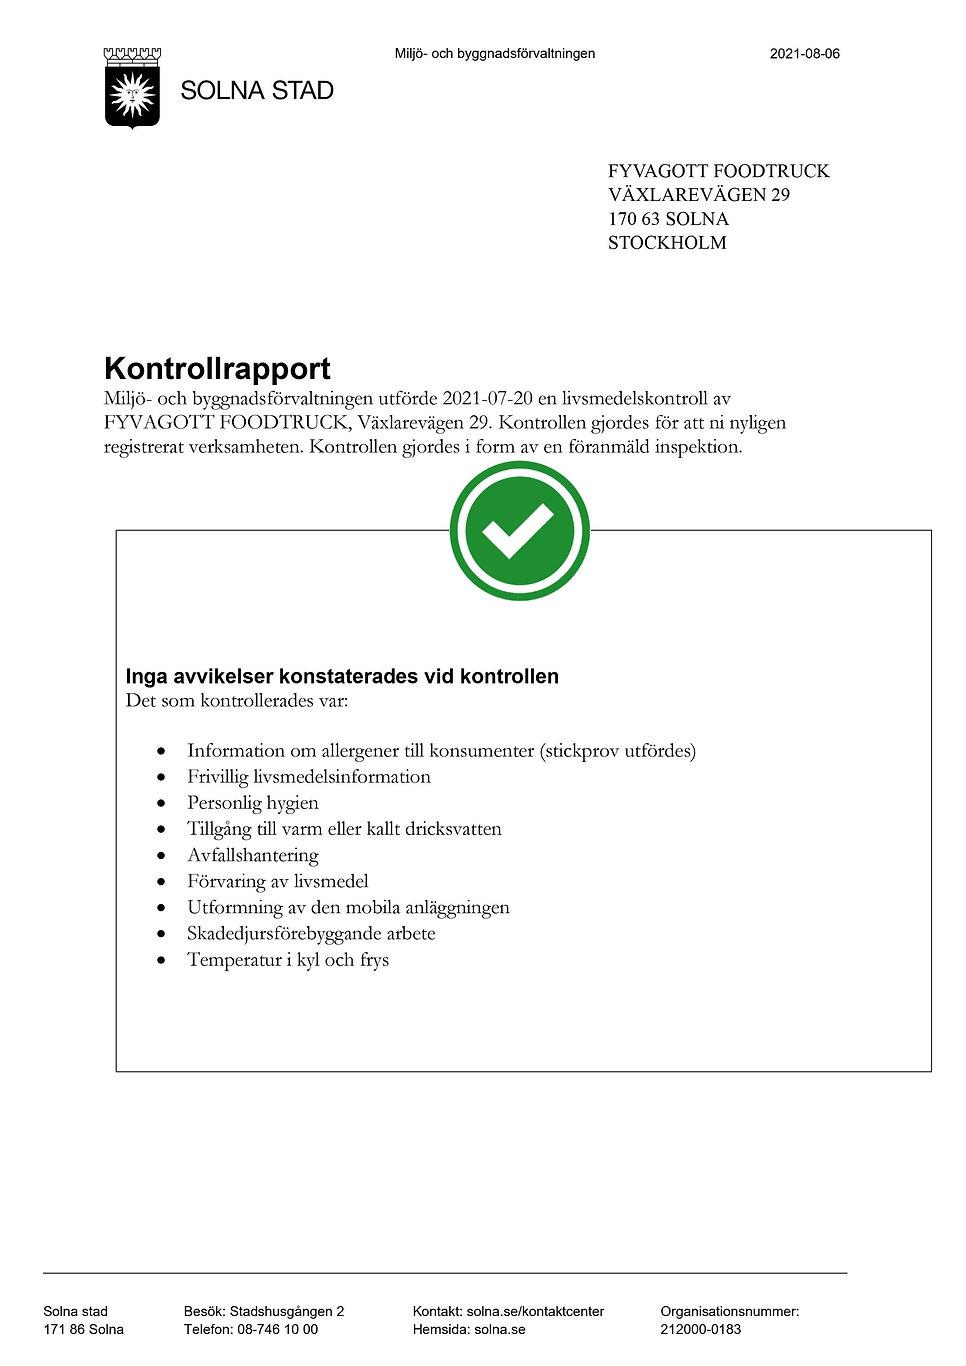 Kontroll Miljö 2021-page-001.jpg